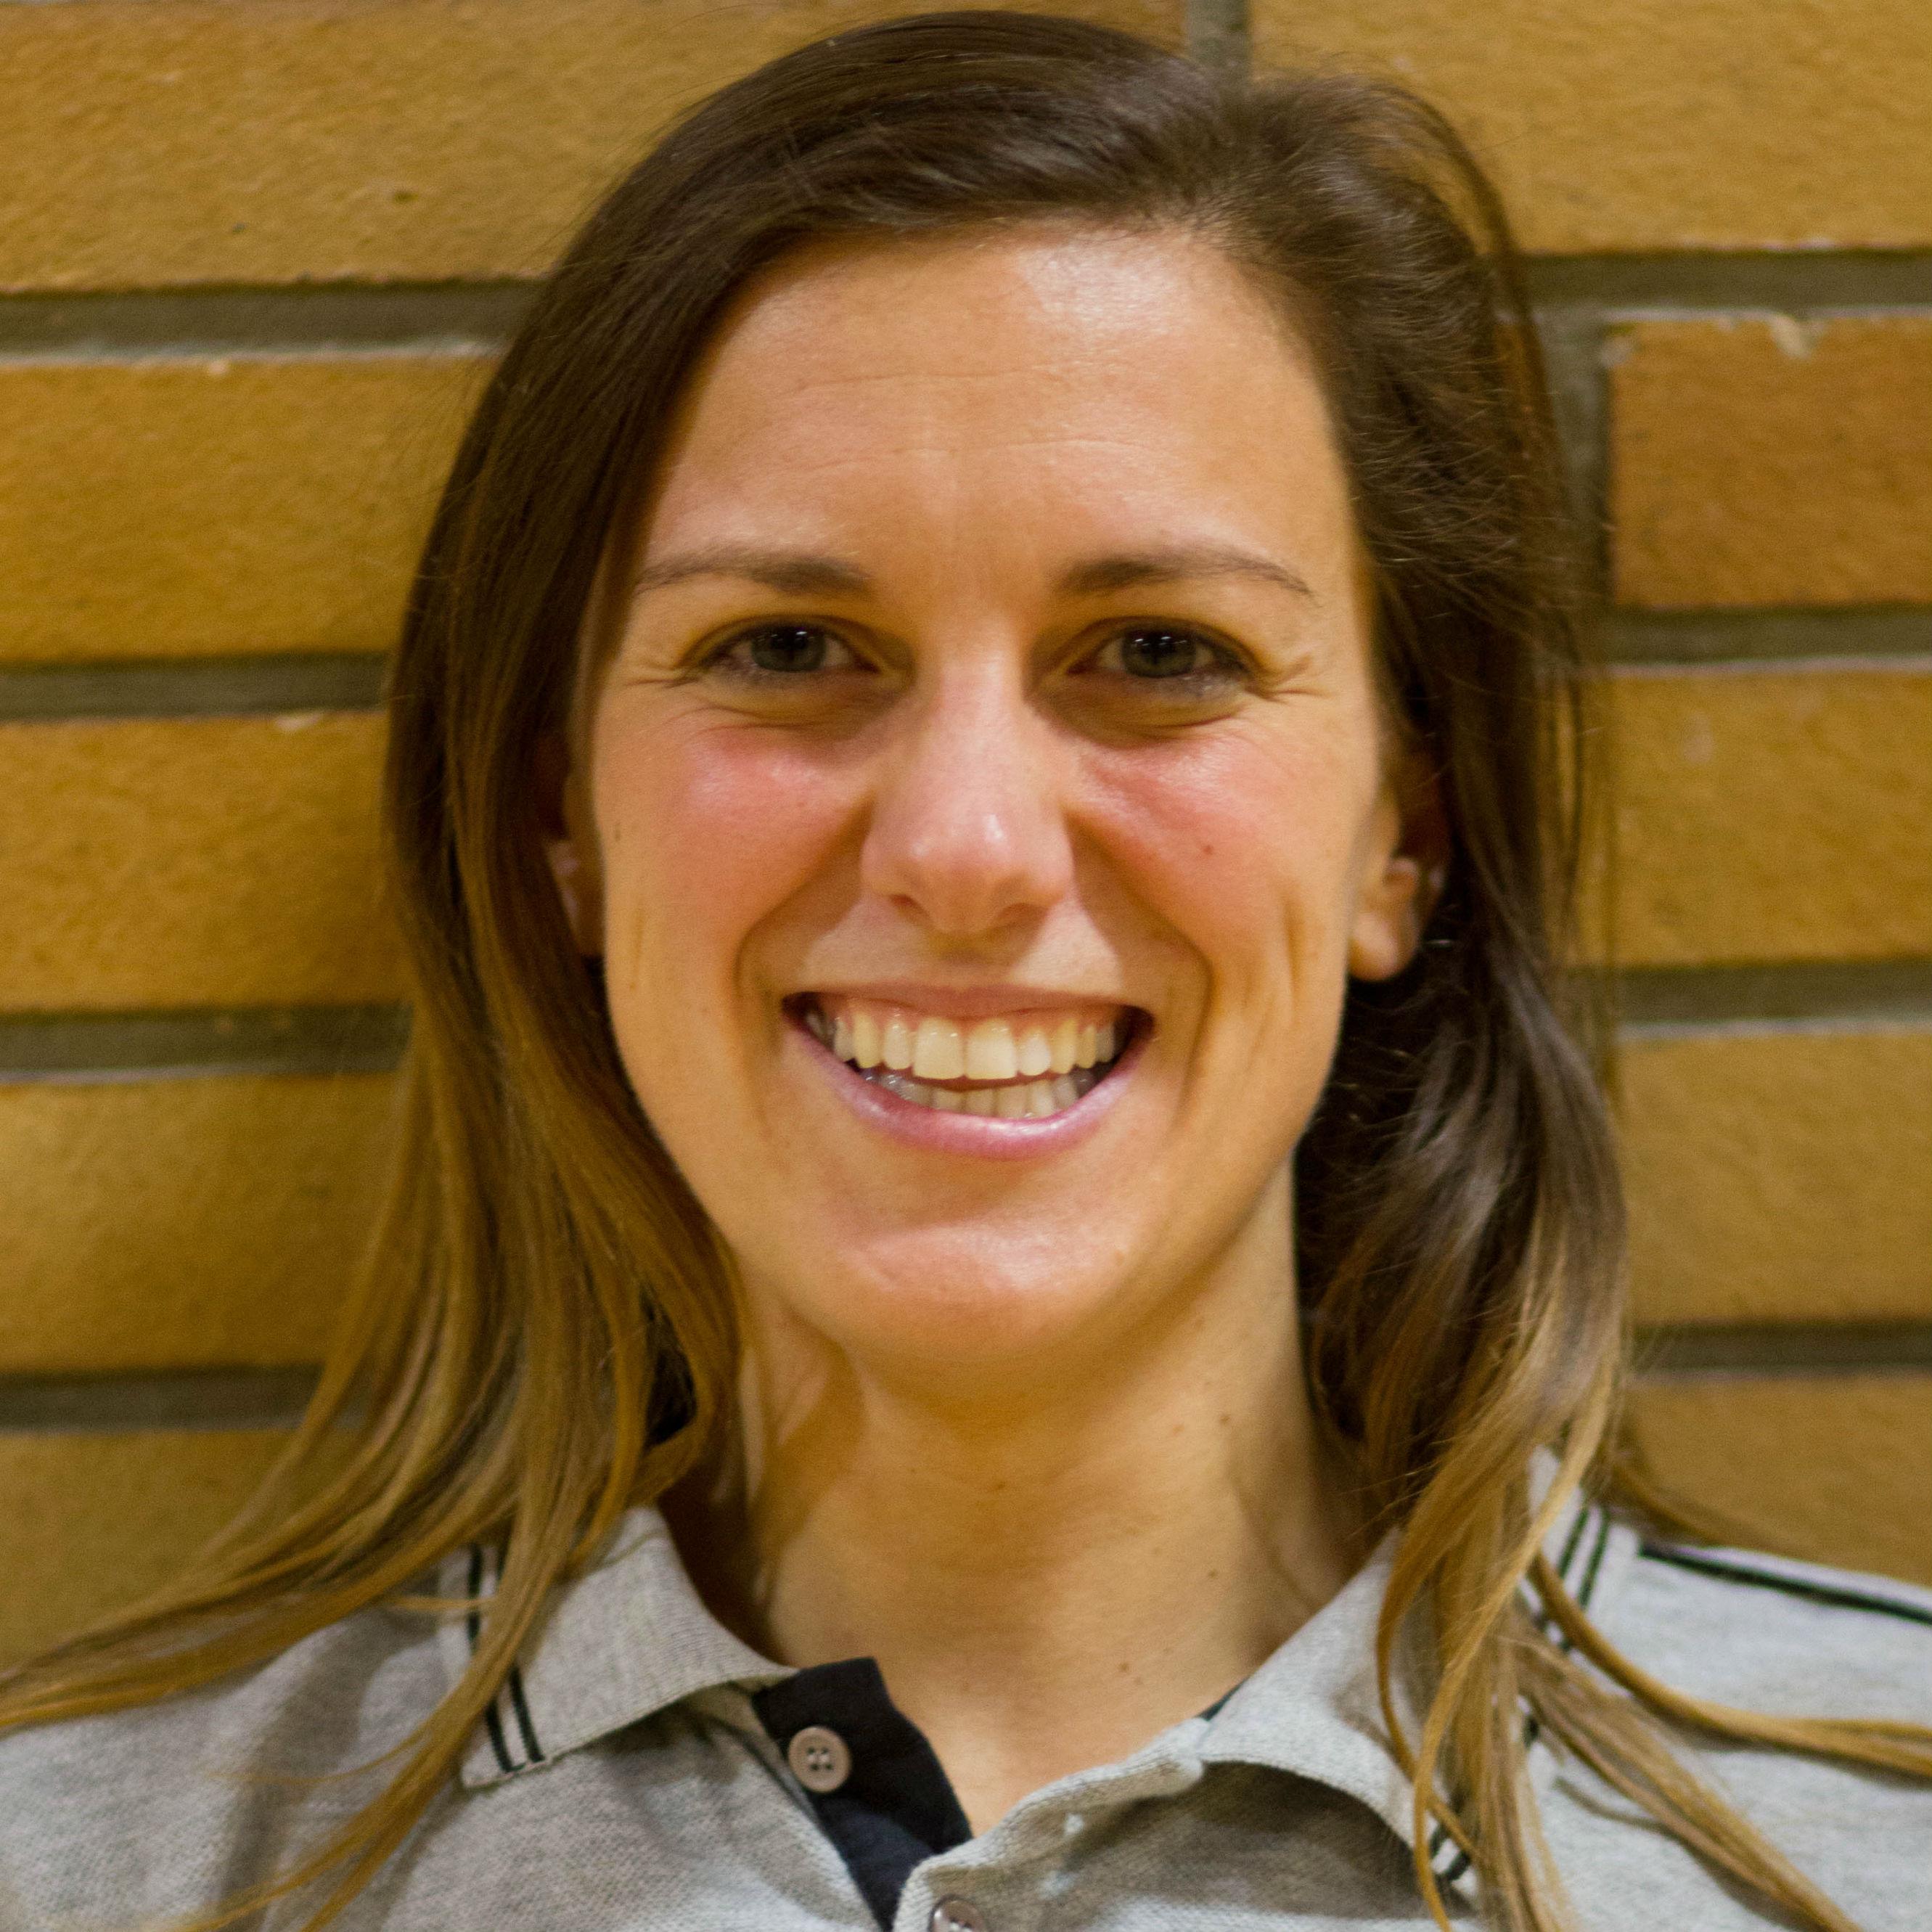 Chriara Spiniello ist Trainerin für die MÜNCHEN Basket Mädchenmannschaft U17